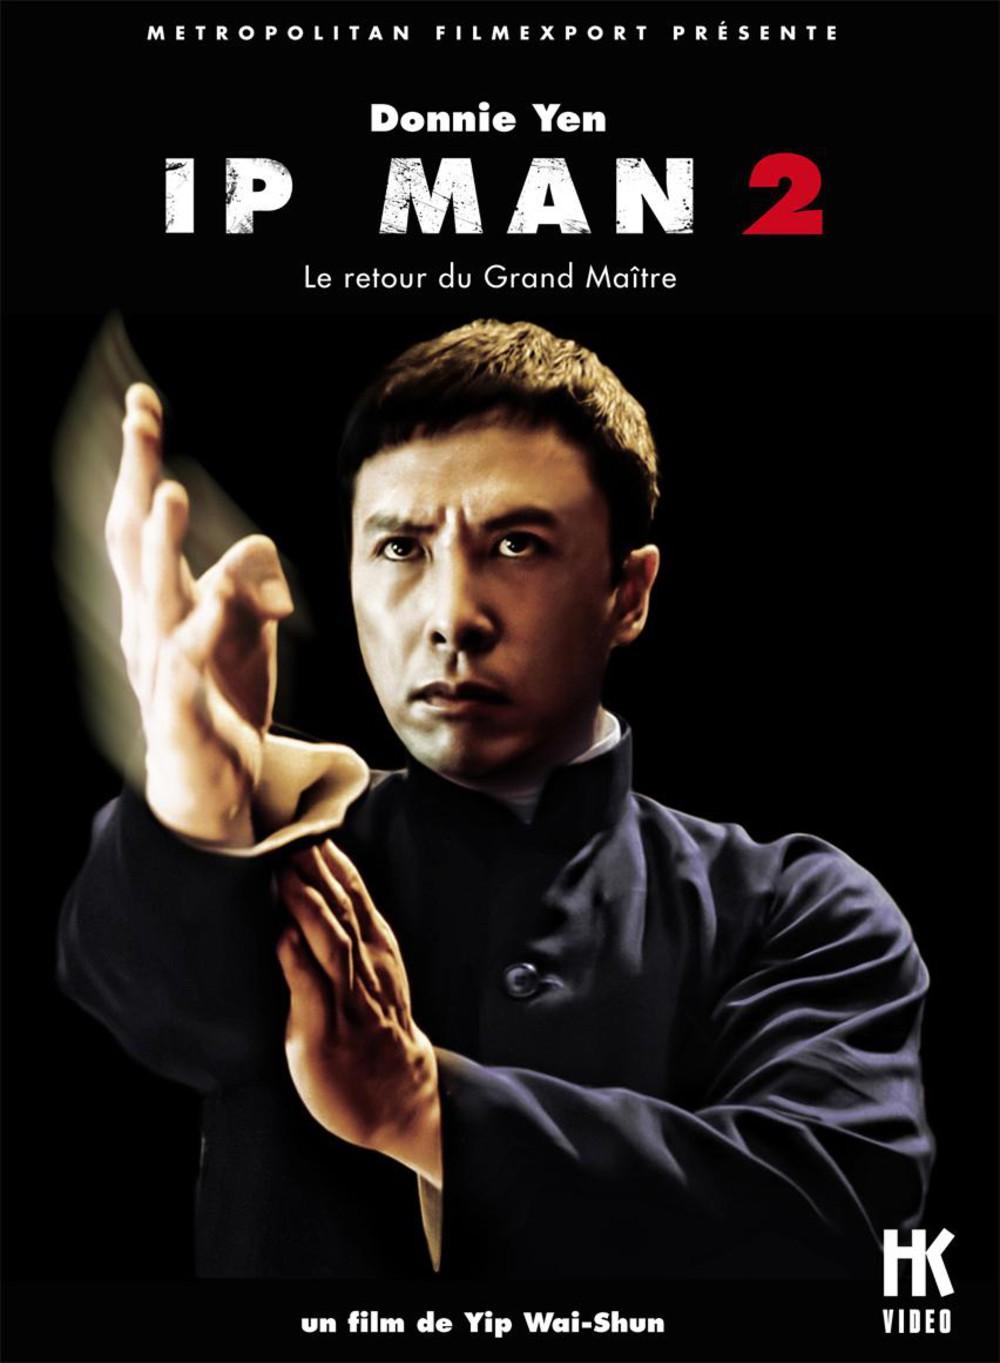 affiche du film Ip Man 2, le retour du grand maître